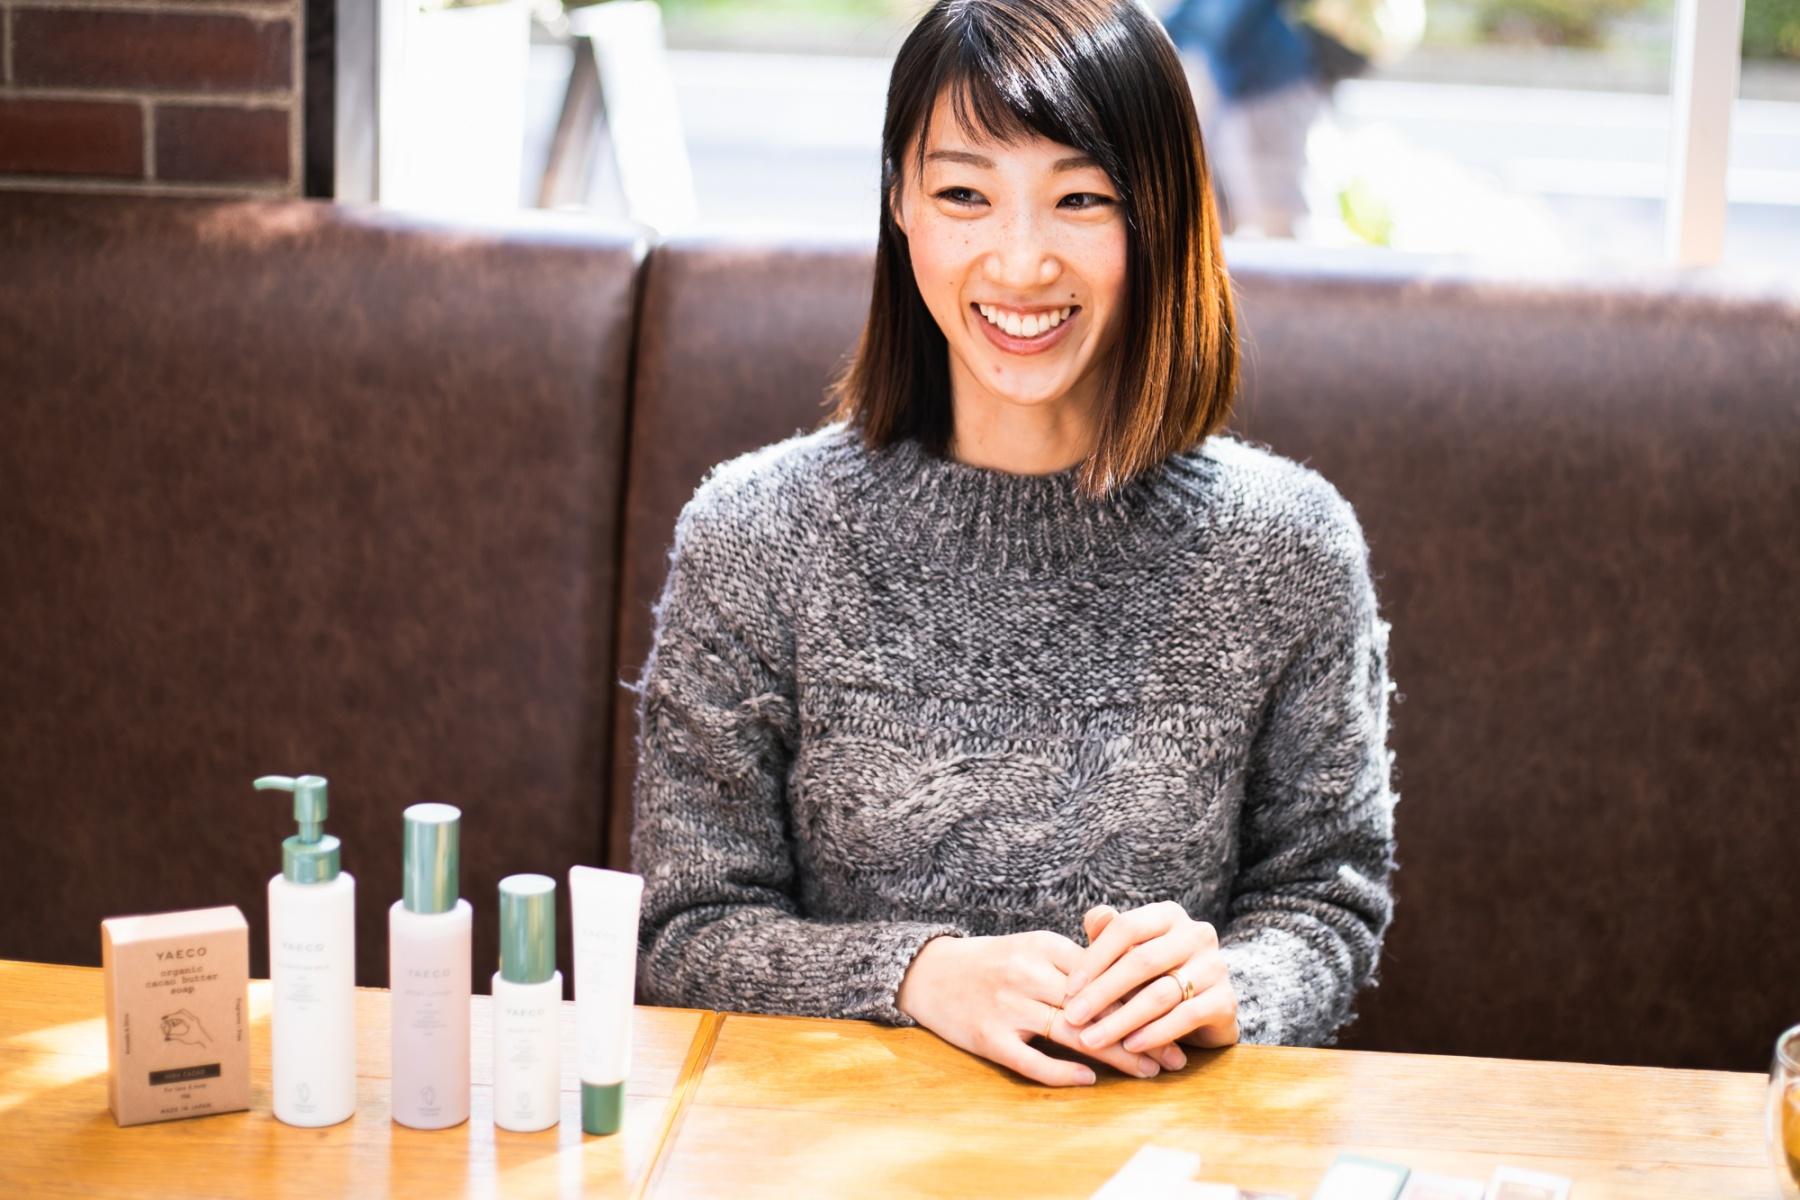 日本初!カカオ原料のスキンケアブランドを開発した女性、勇綾香さんインタビュー